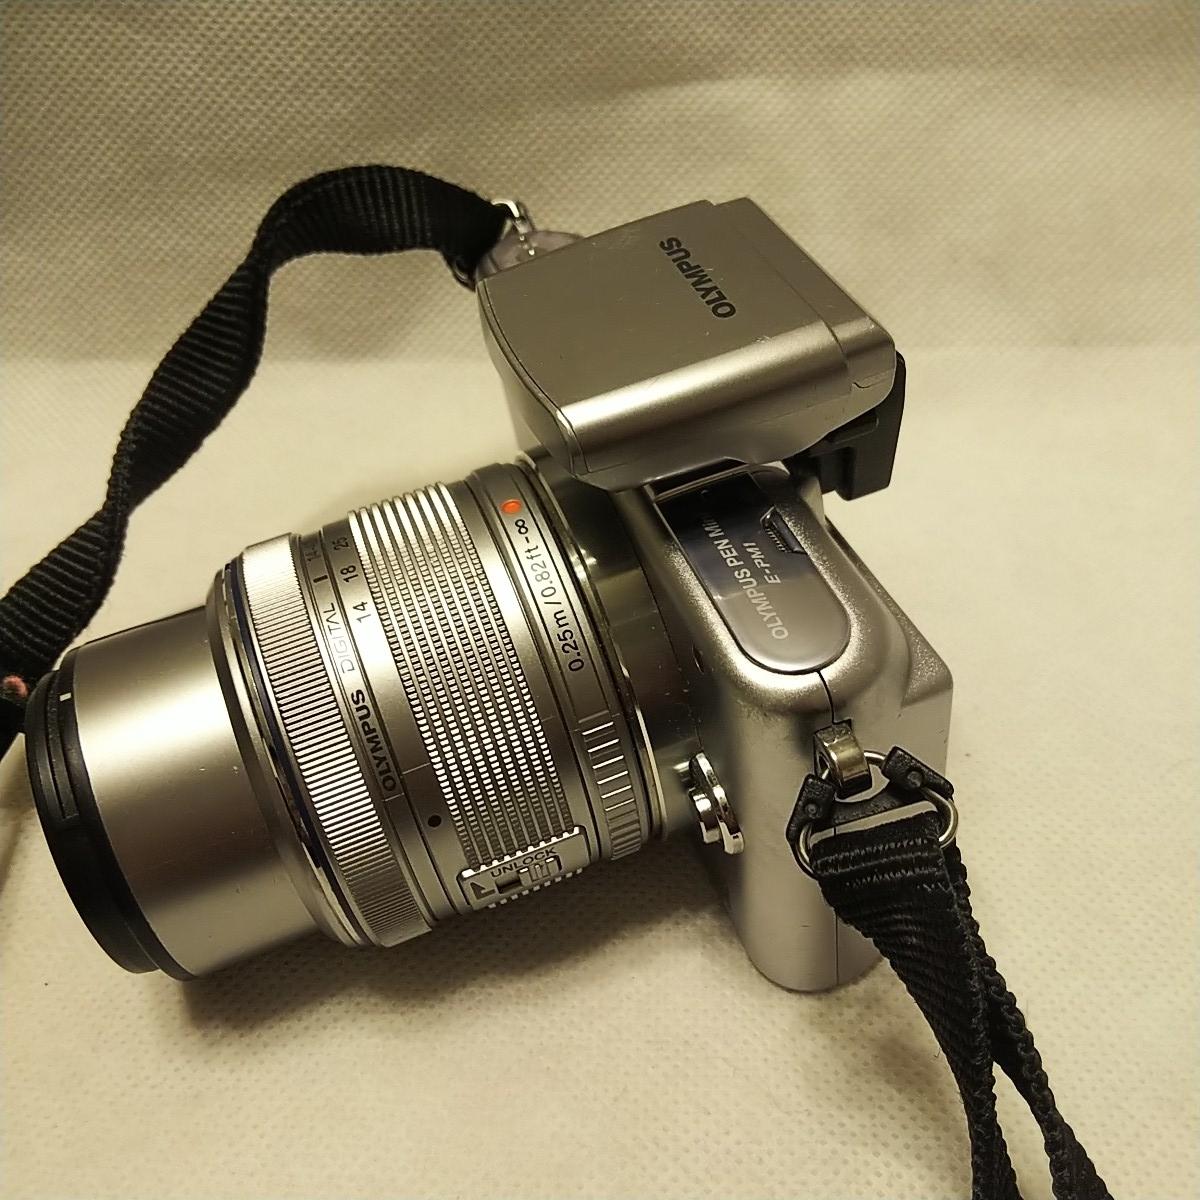 オリンパス E-PM1 デジタル一眼 レンズ フラッシュ付き FL-LM1 M.ZUIKO 14-42mm 1:3.5-5.6 π37mm ズームレンズキット YOKO-63 完動品 美品_画像8